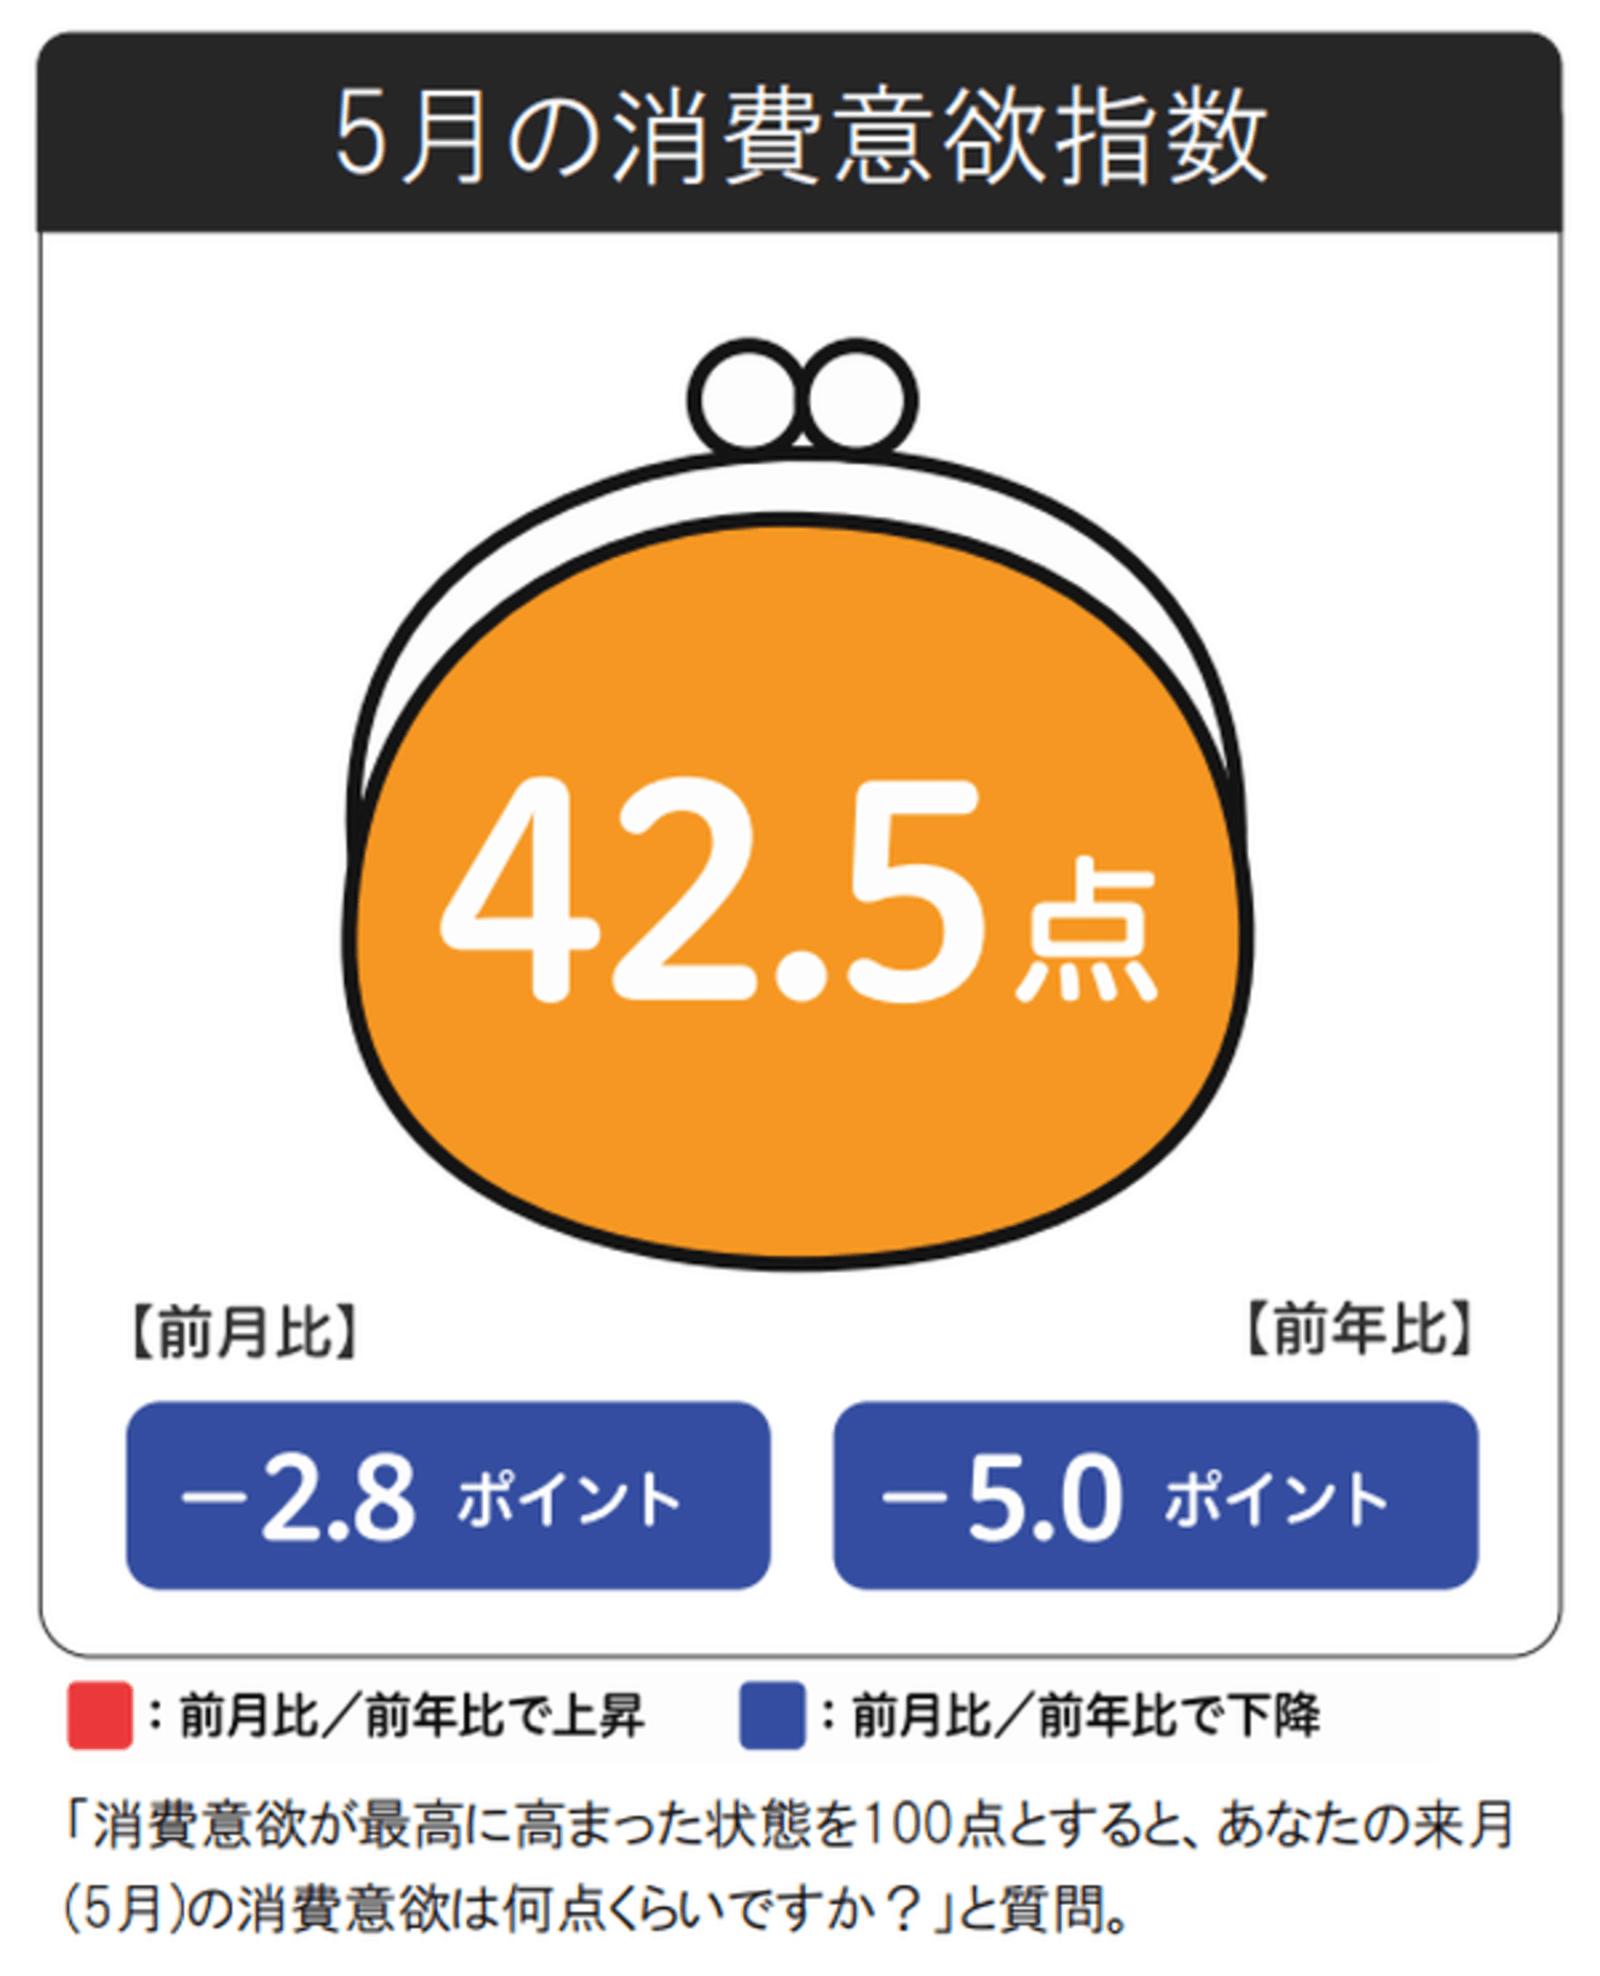 新型コロナ直撃で、5月の消費意欲は「42.5点」と過去最低値。前月から ...